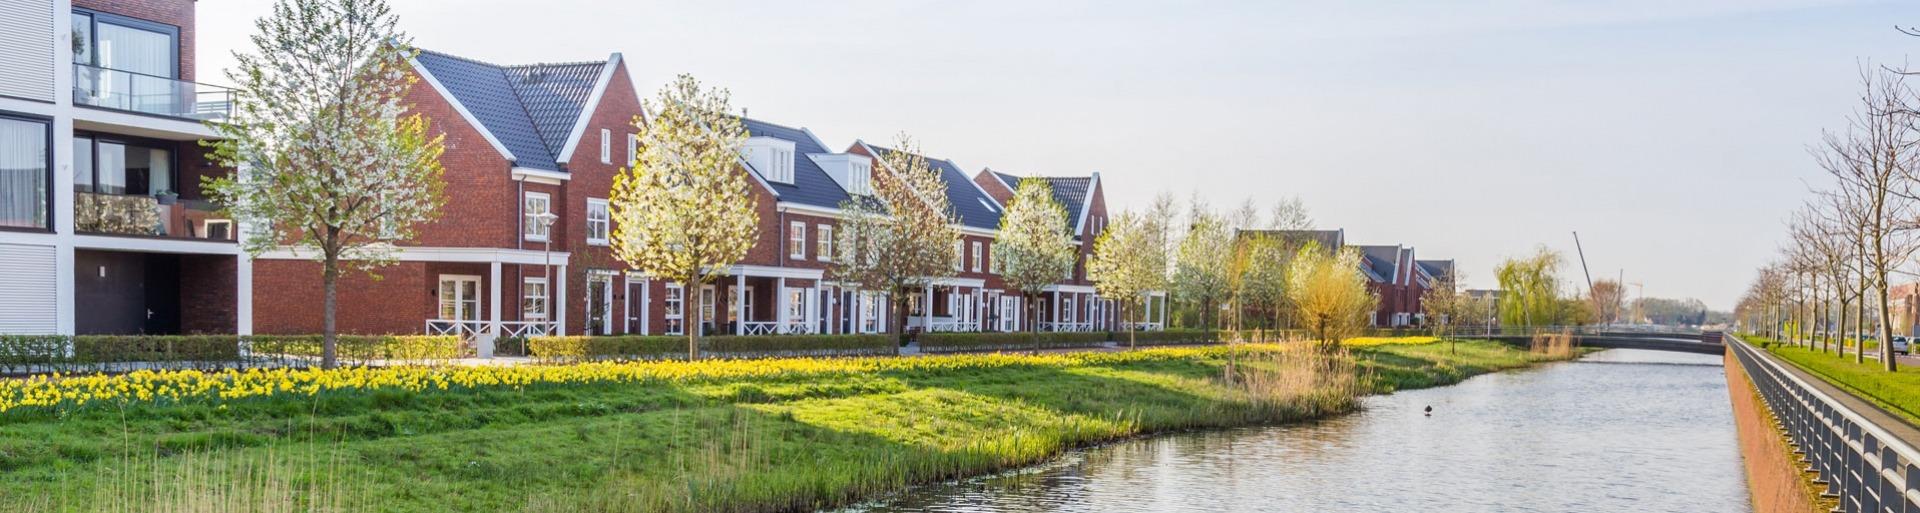 een rij moderne huizen in Nederland